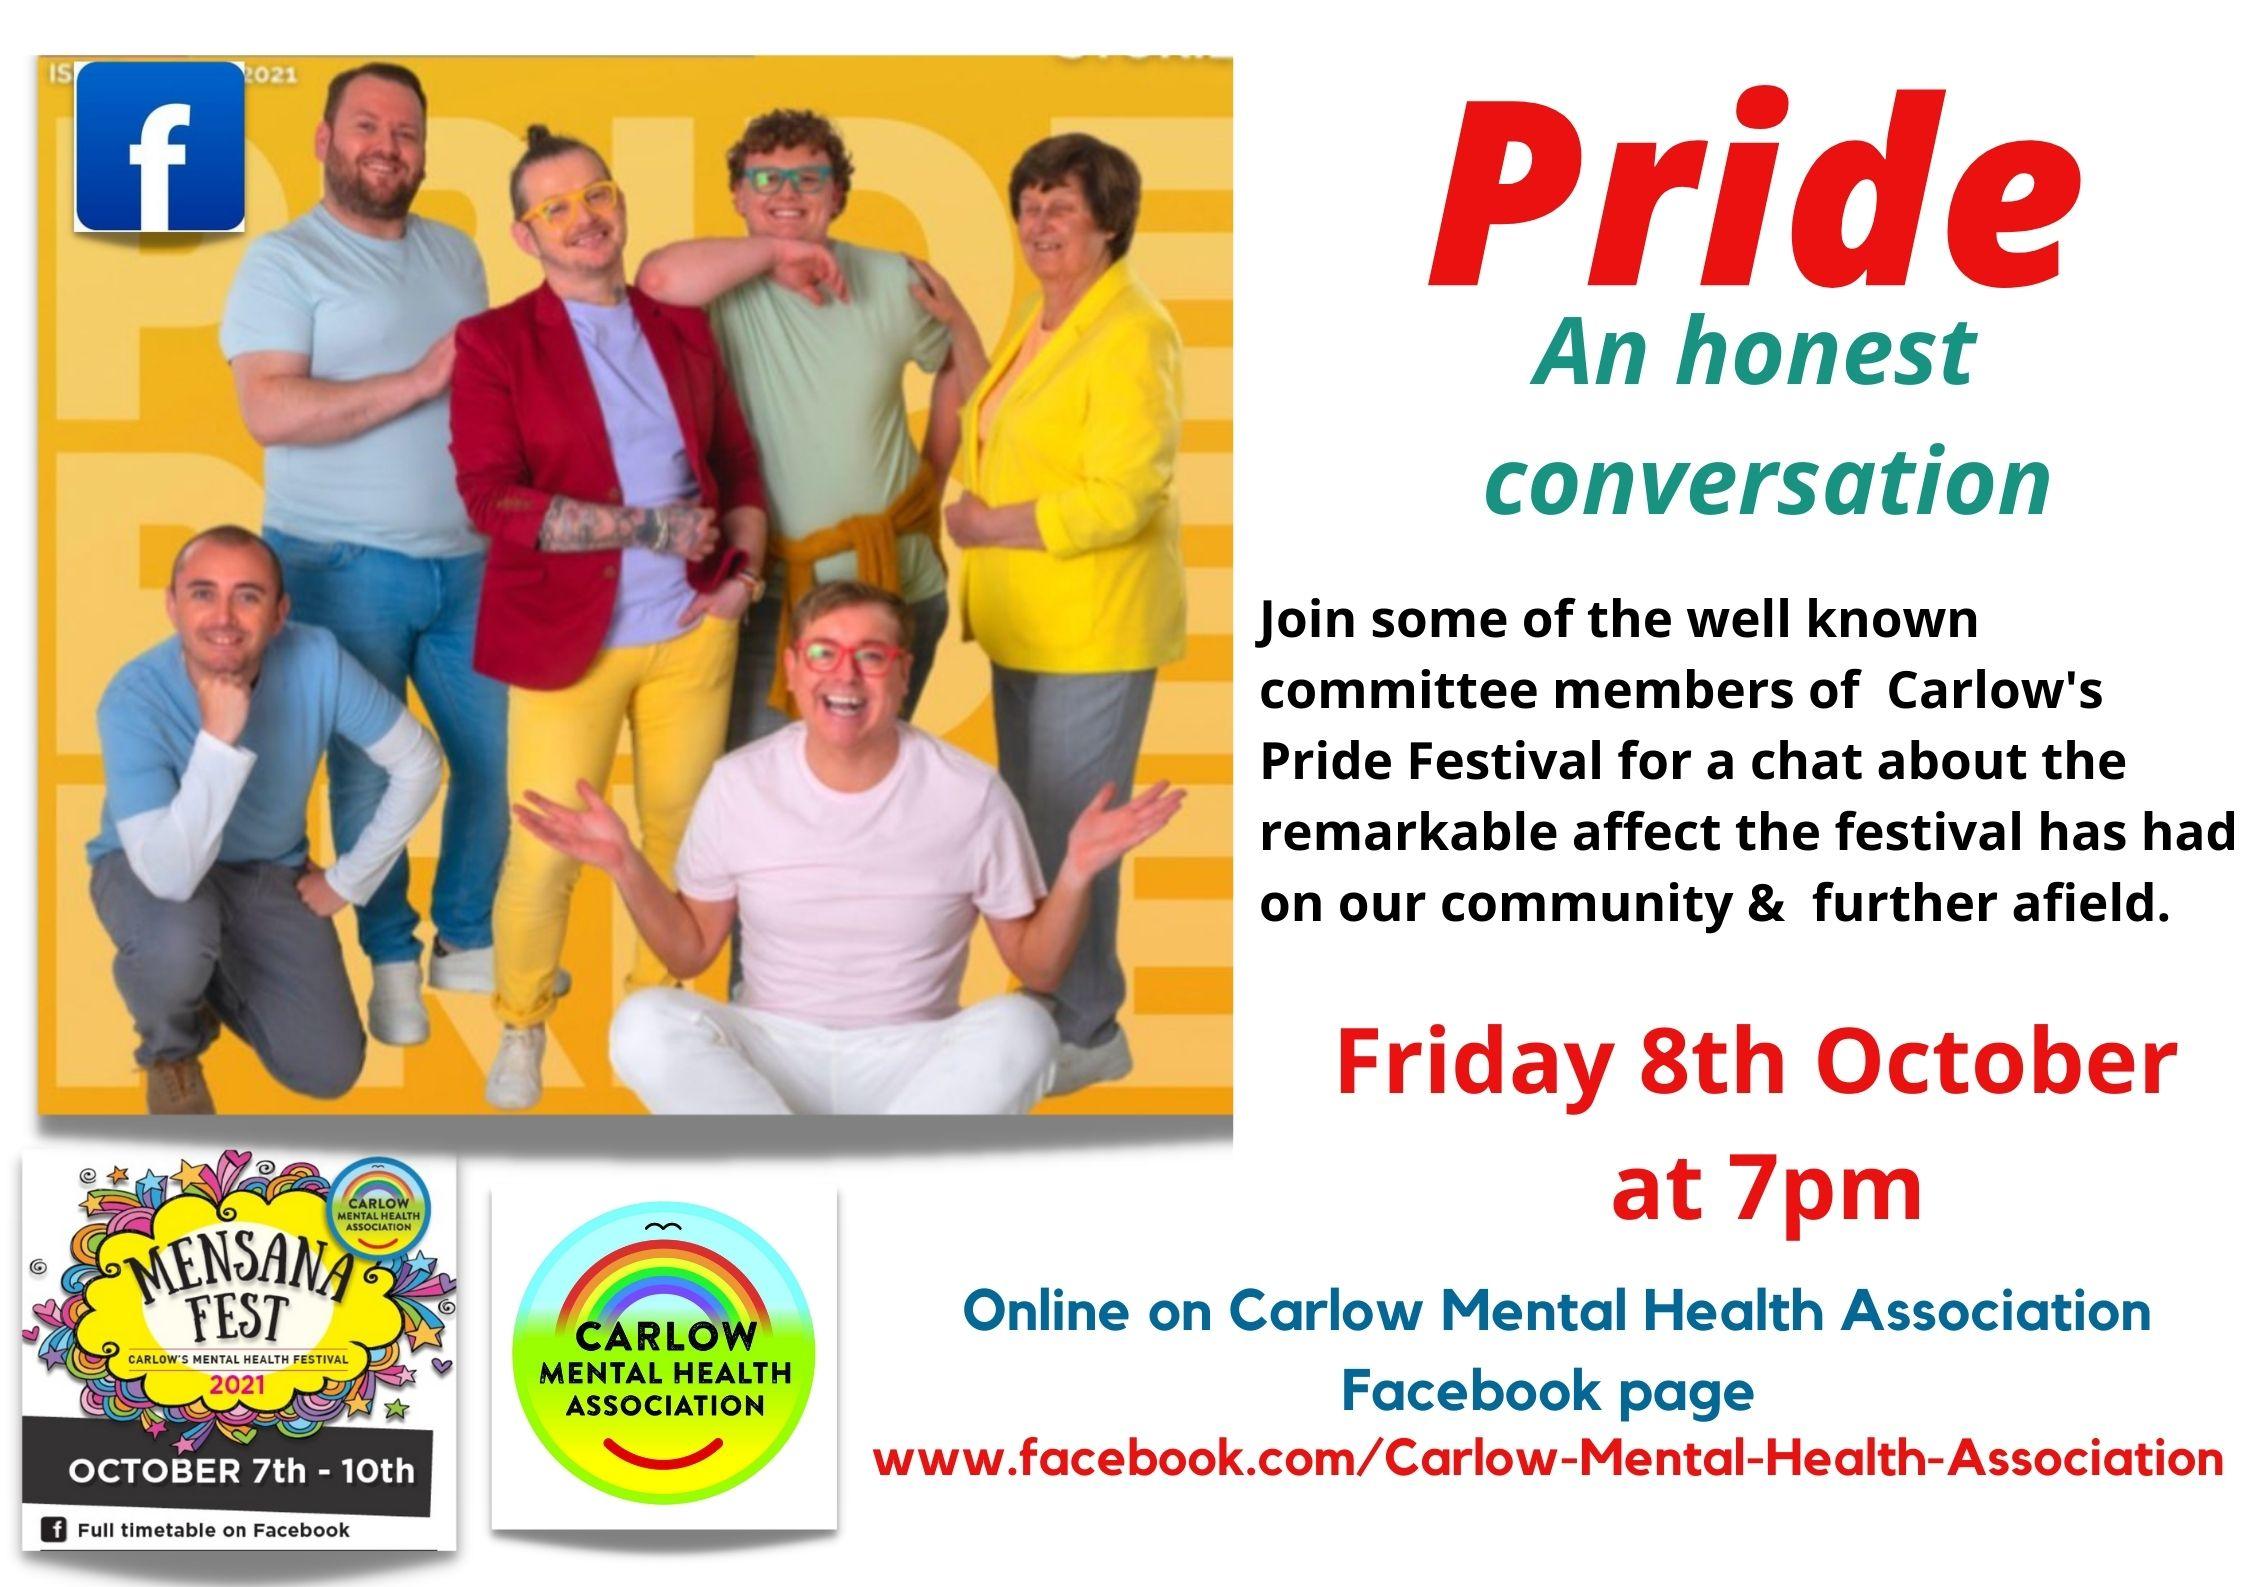 Pride: An Hoest Conversation